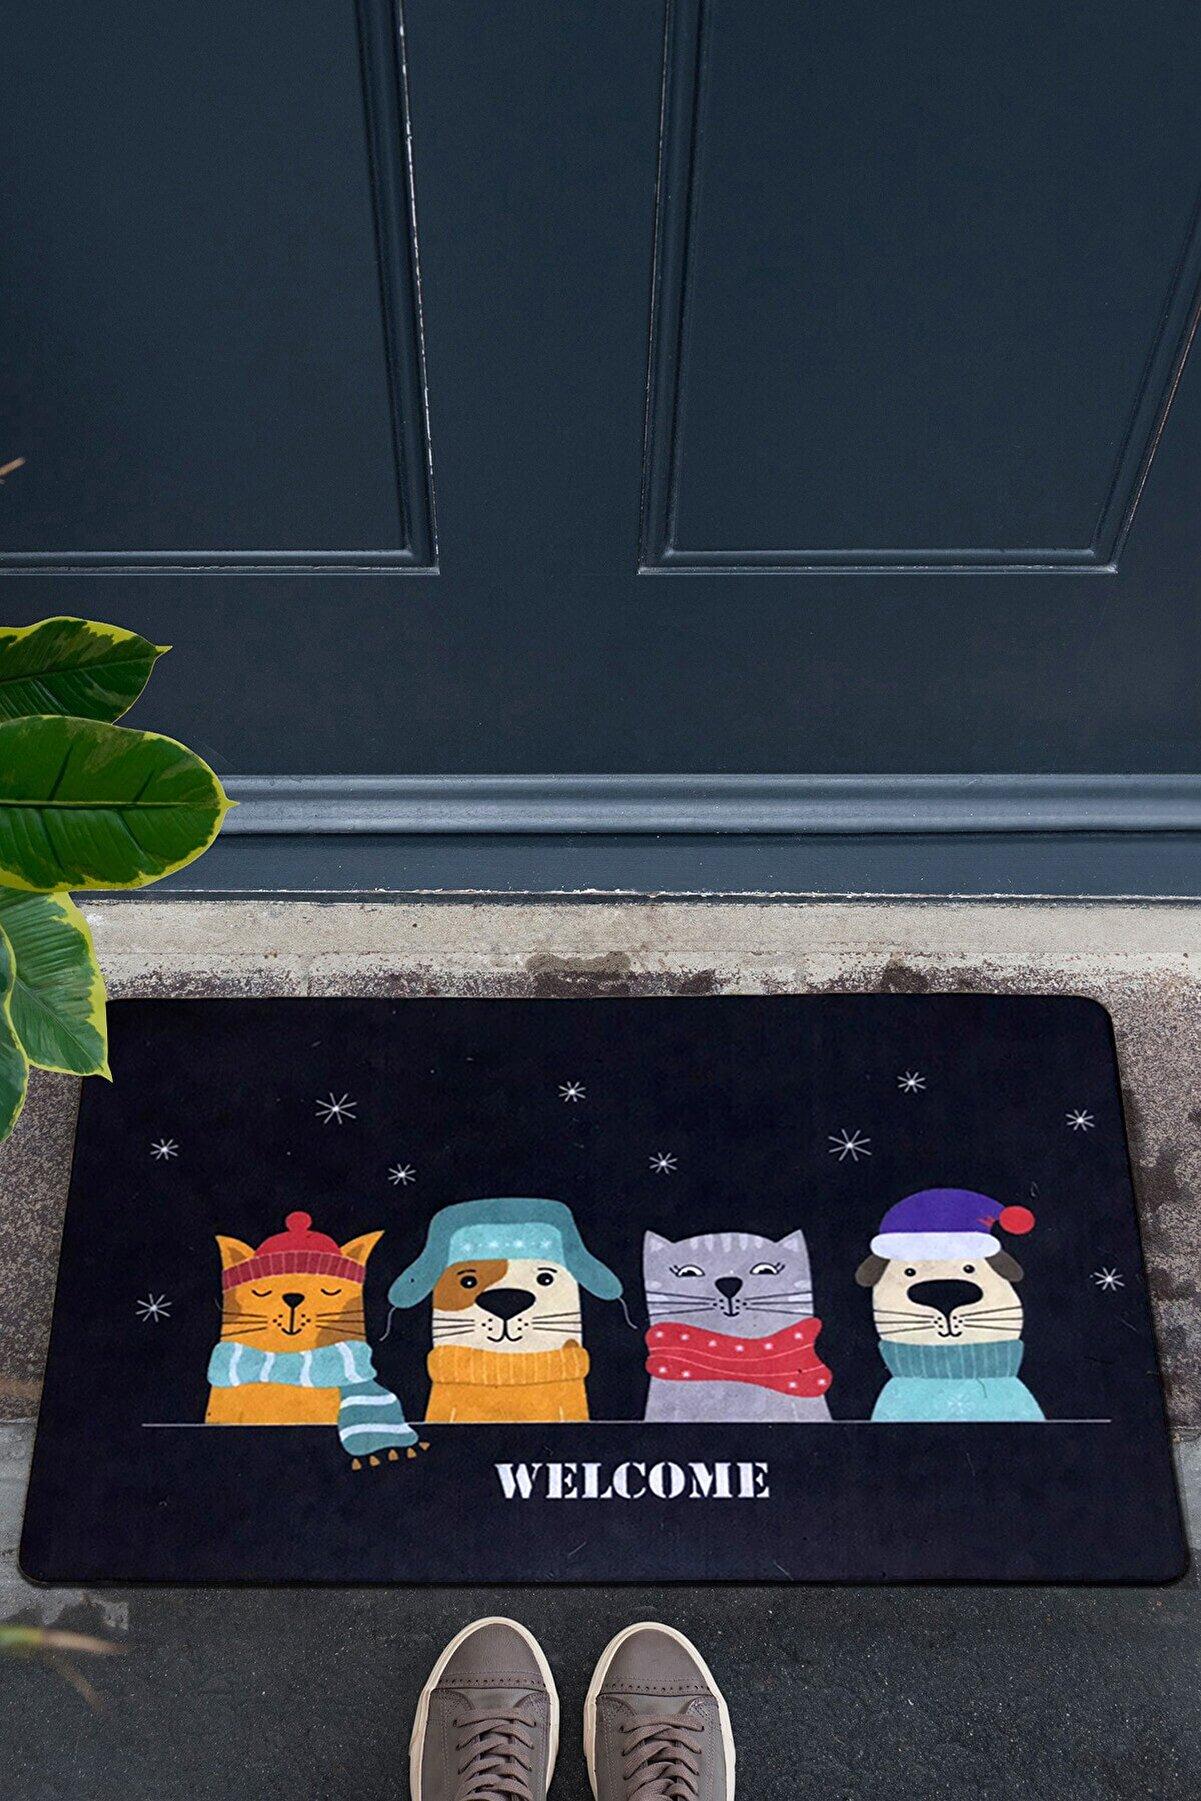 Chilai Home Cute Dekoratif Iç Ve Dış Kapıönü Paspasları Pvc Taban